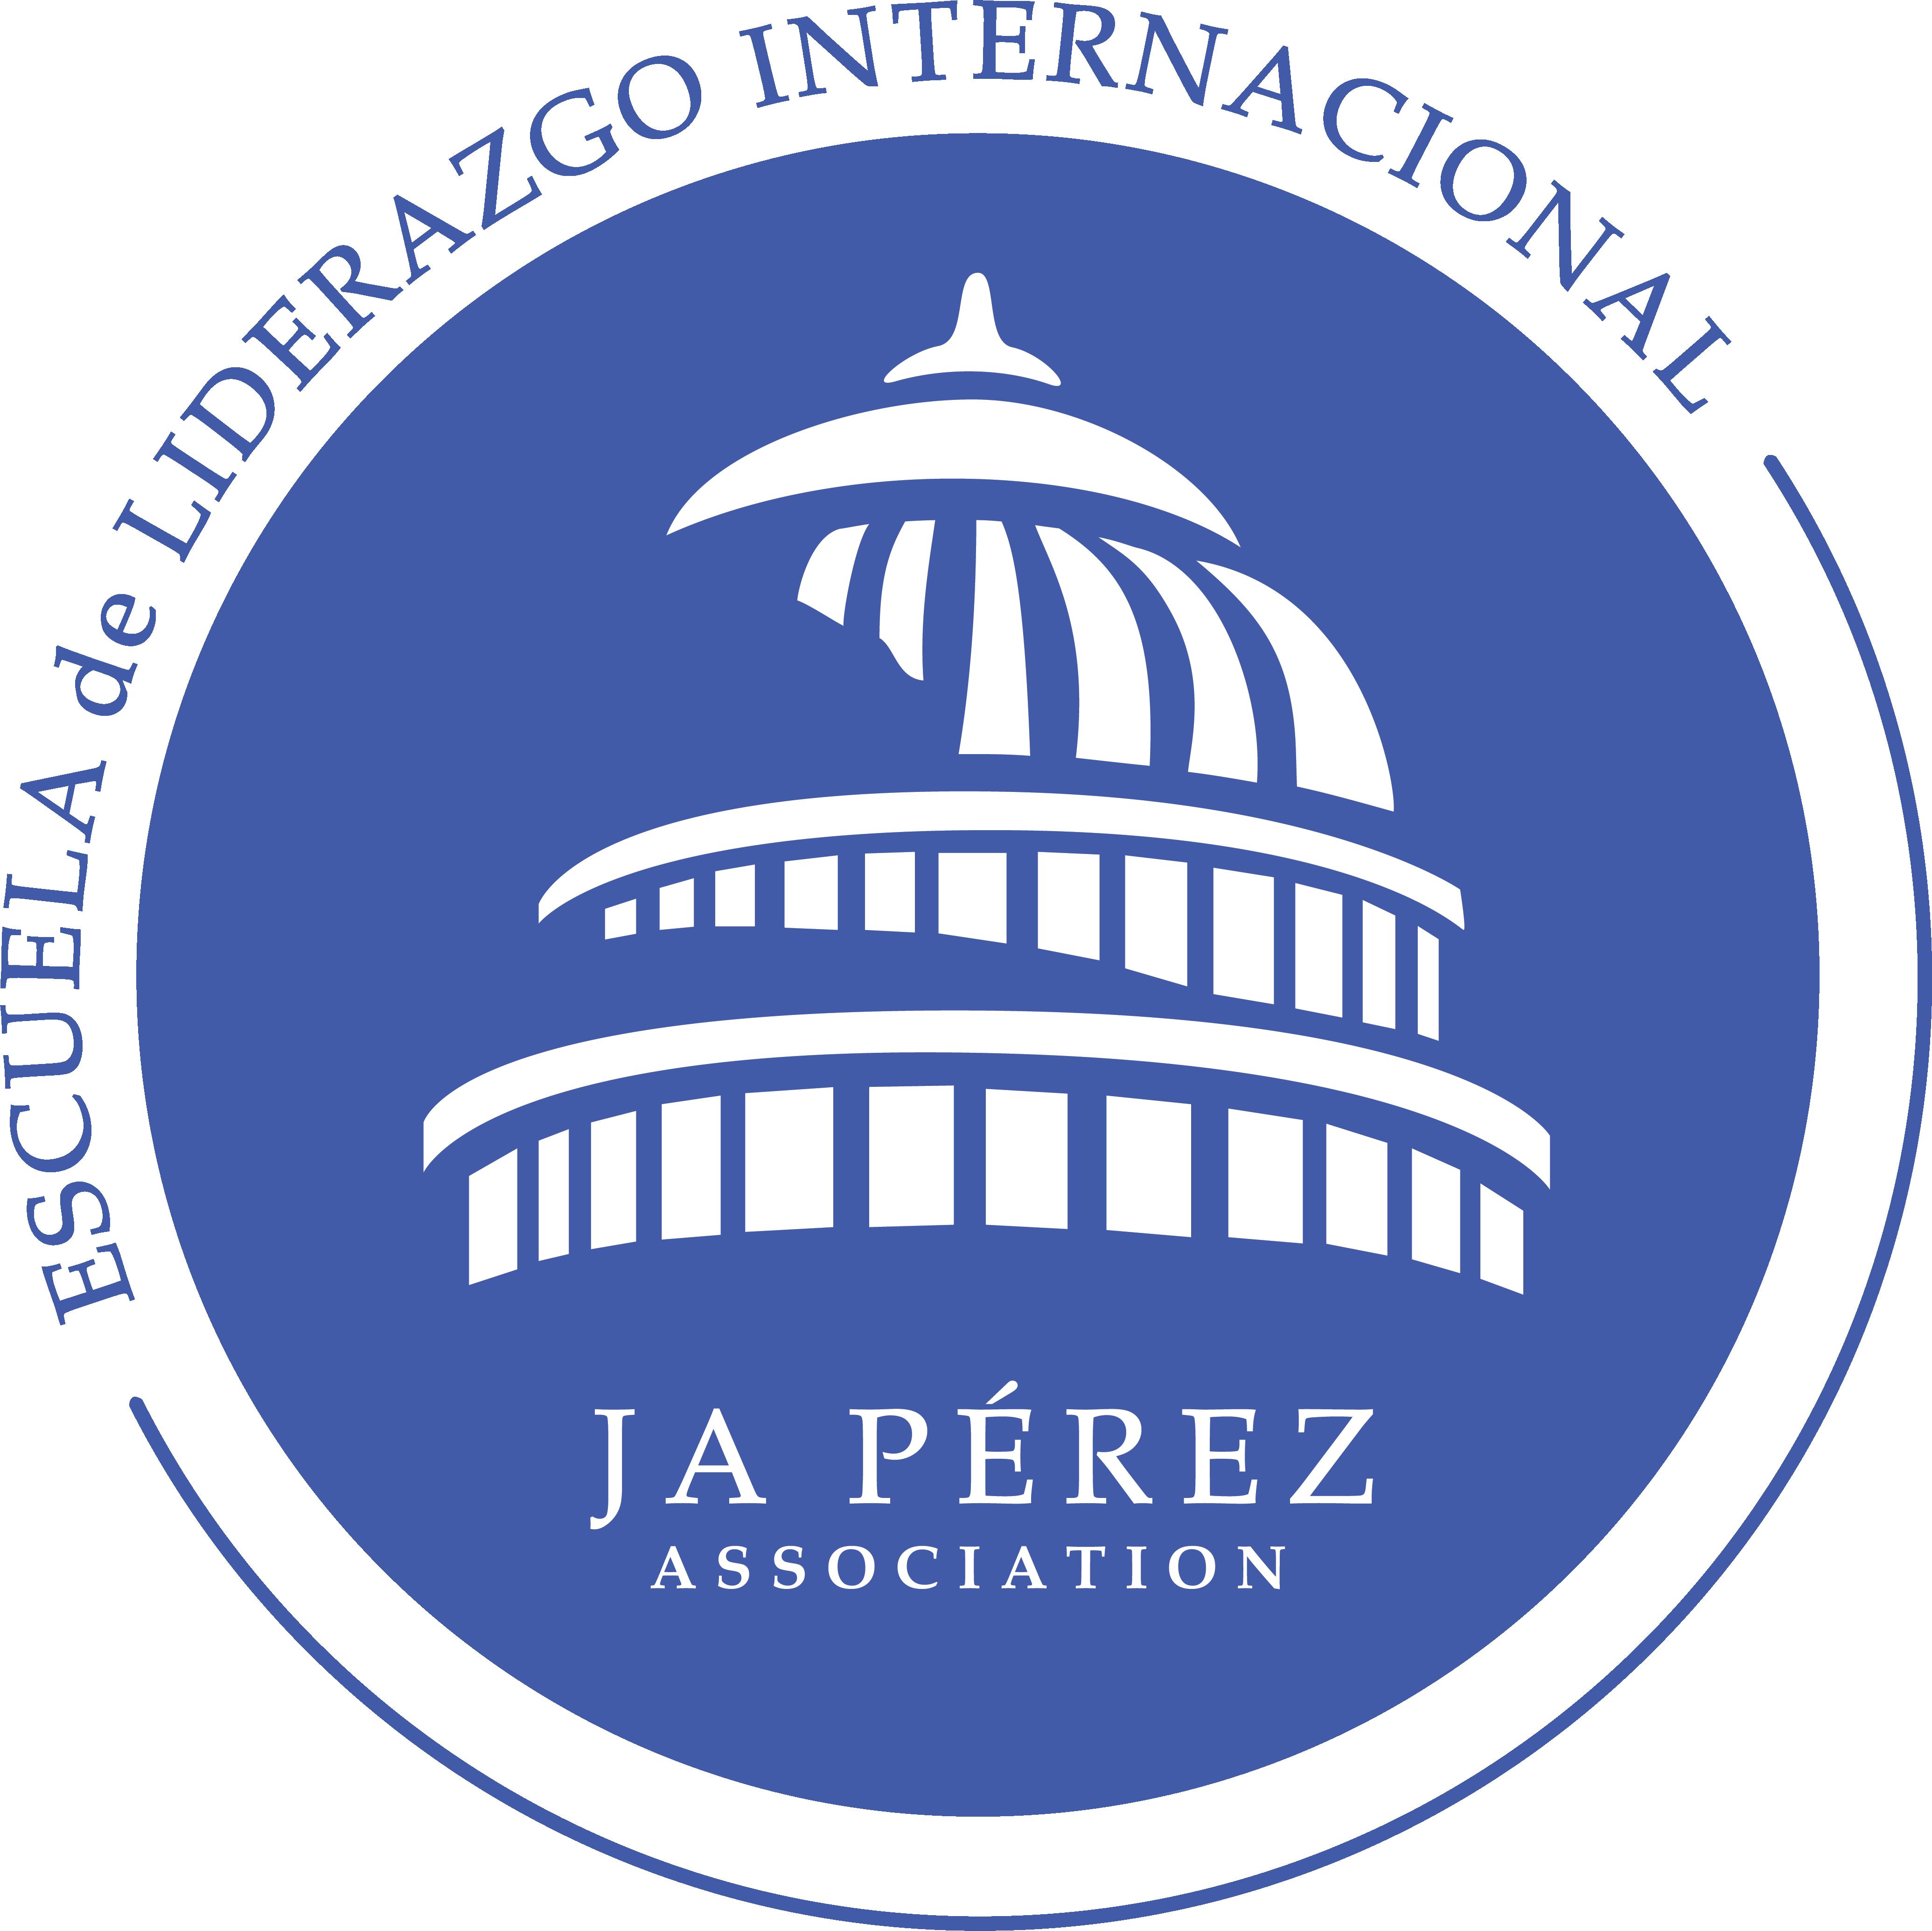 Escuela de Liderazgo Internacional